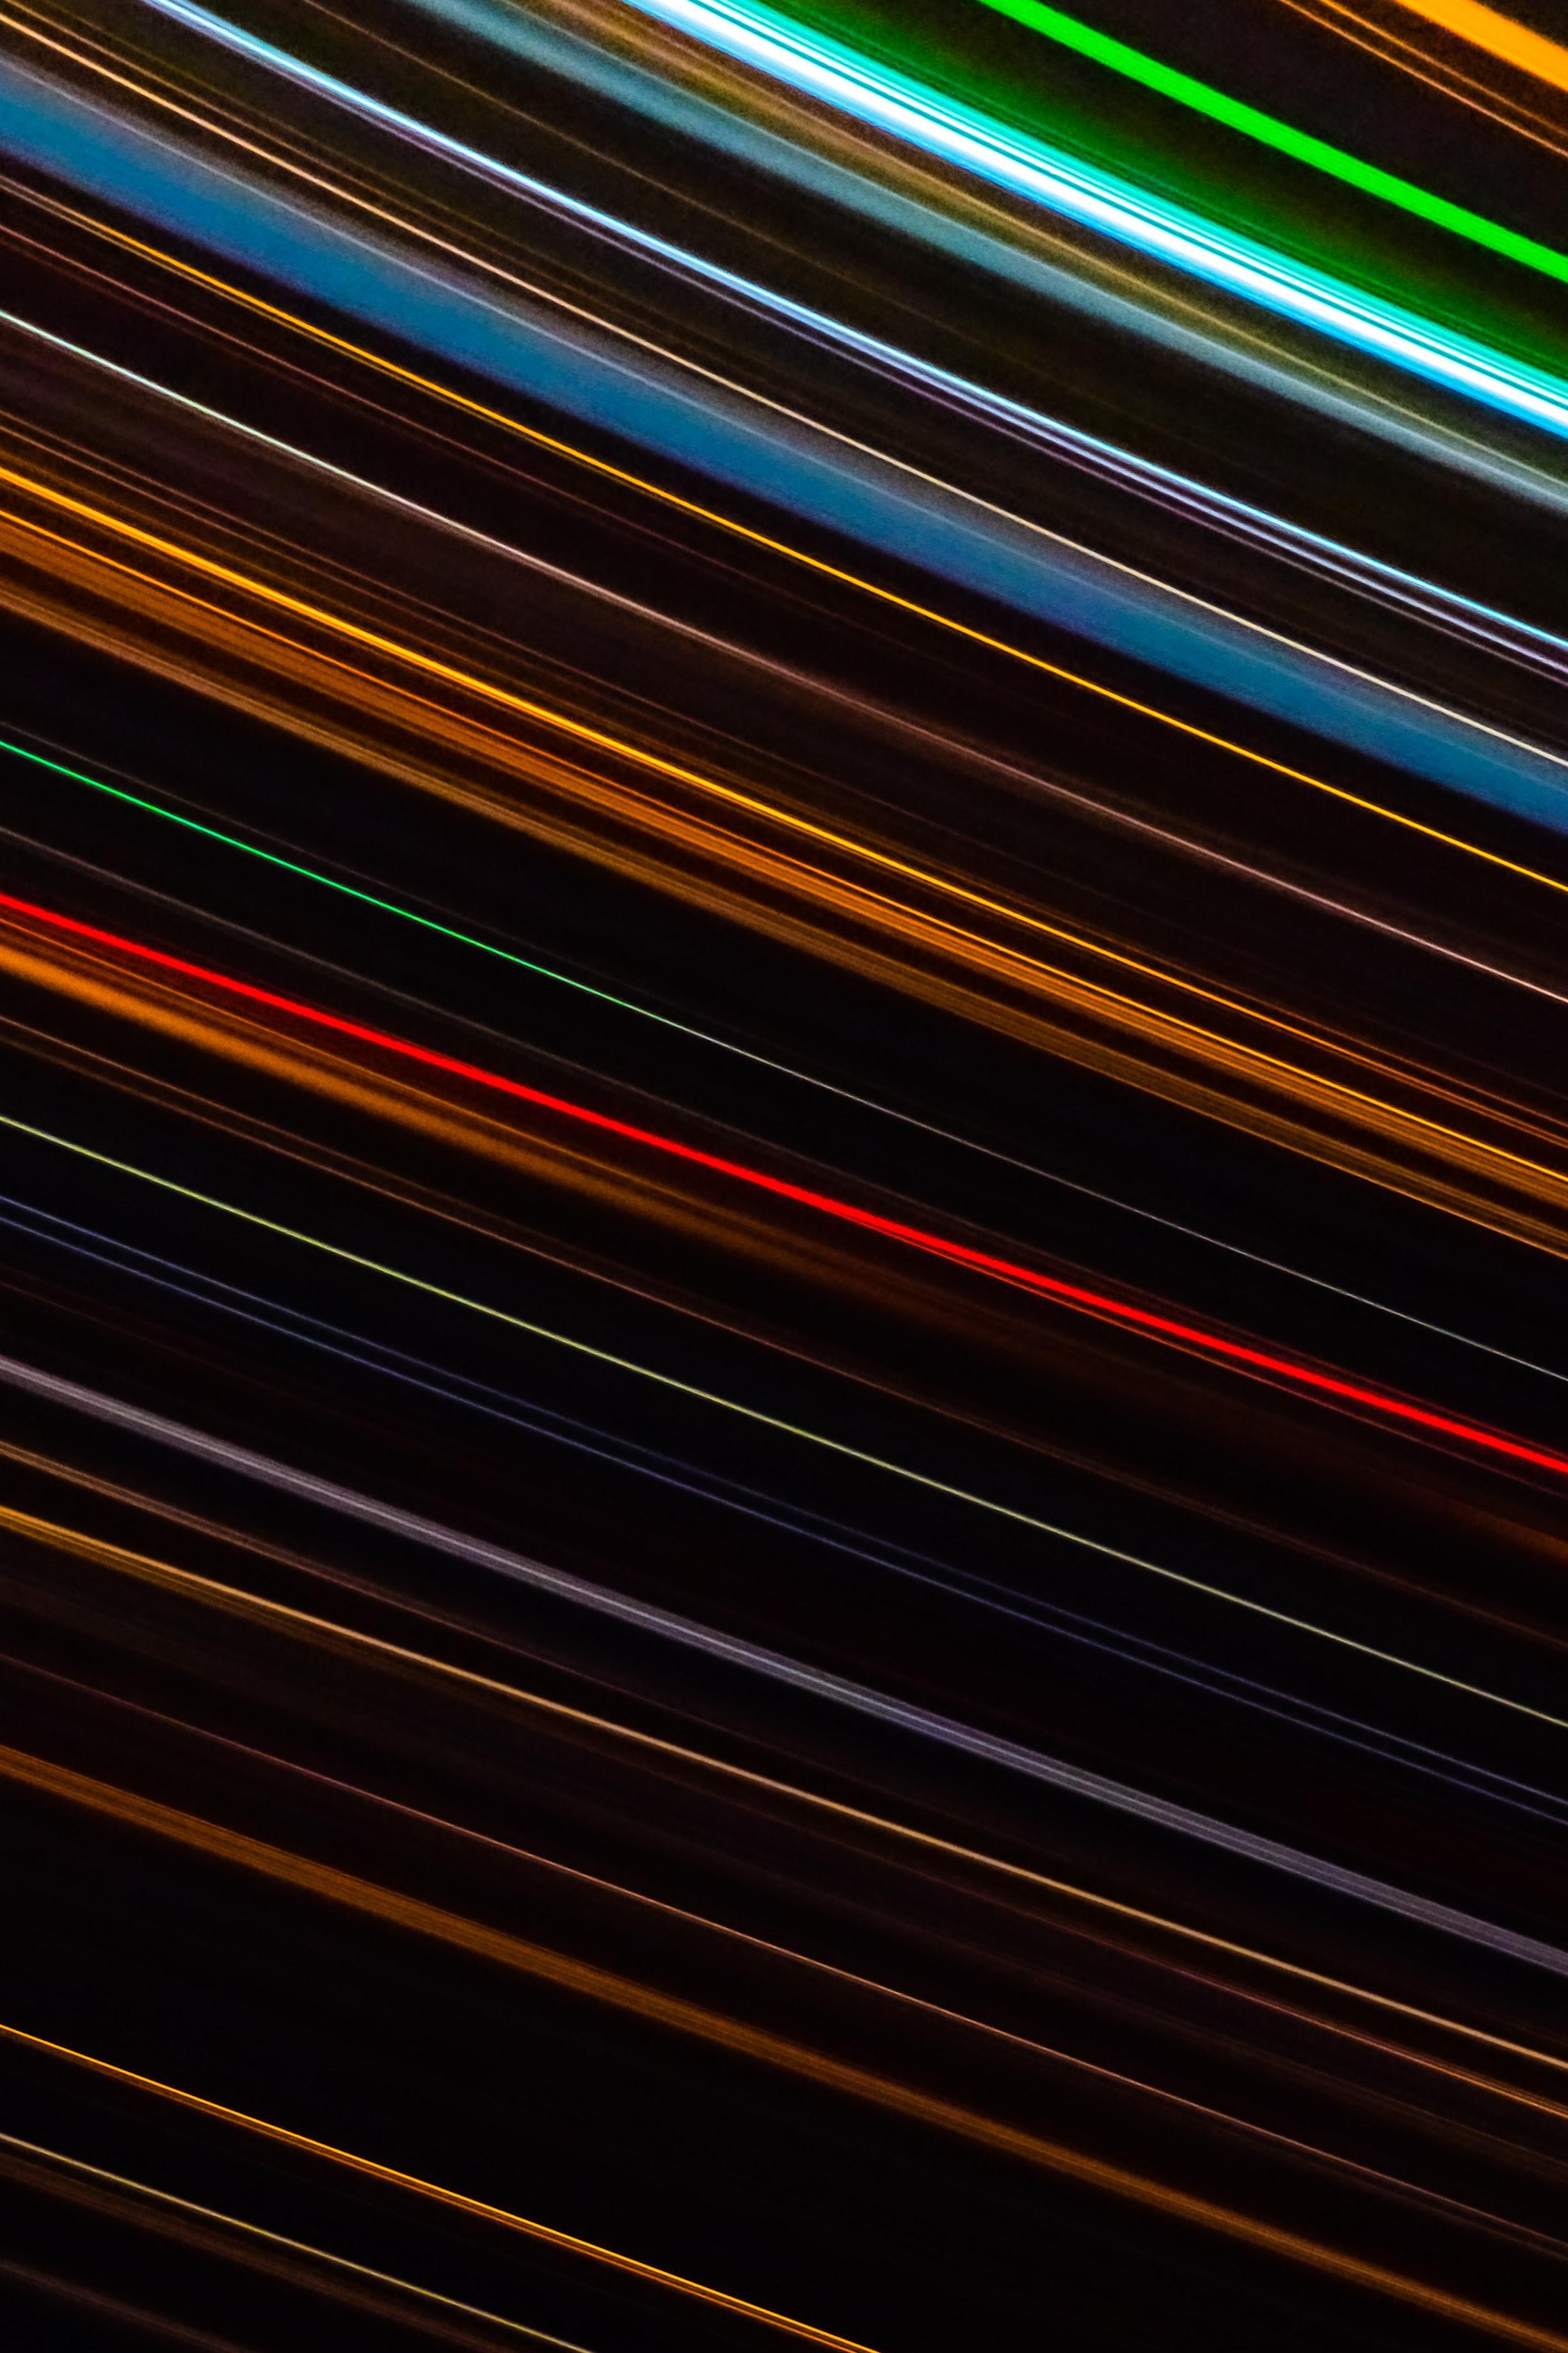 146745壁紙のダウンロード抽象, 線, 台詞, ストライプ, 縞, 色とりどり, モトリー, 輝く, 光-スクリーンセーバーと写真を無料で